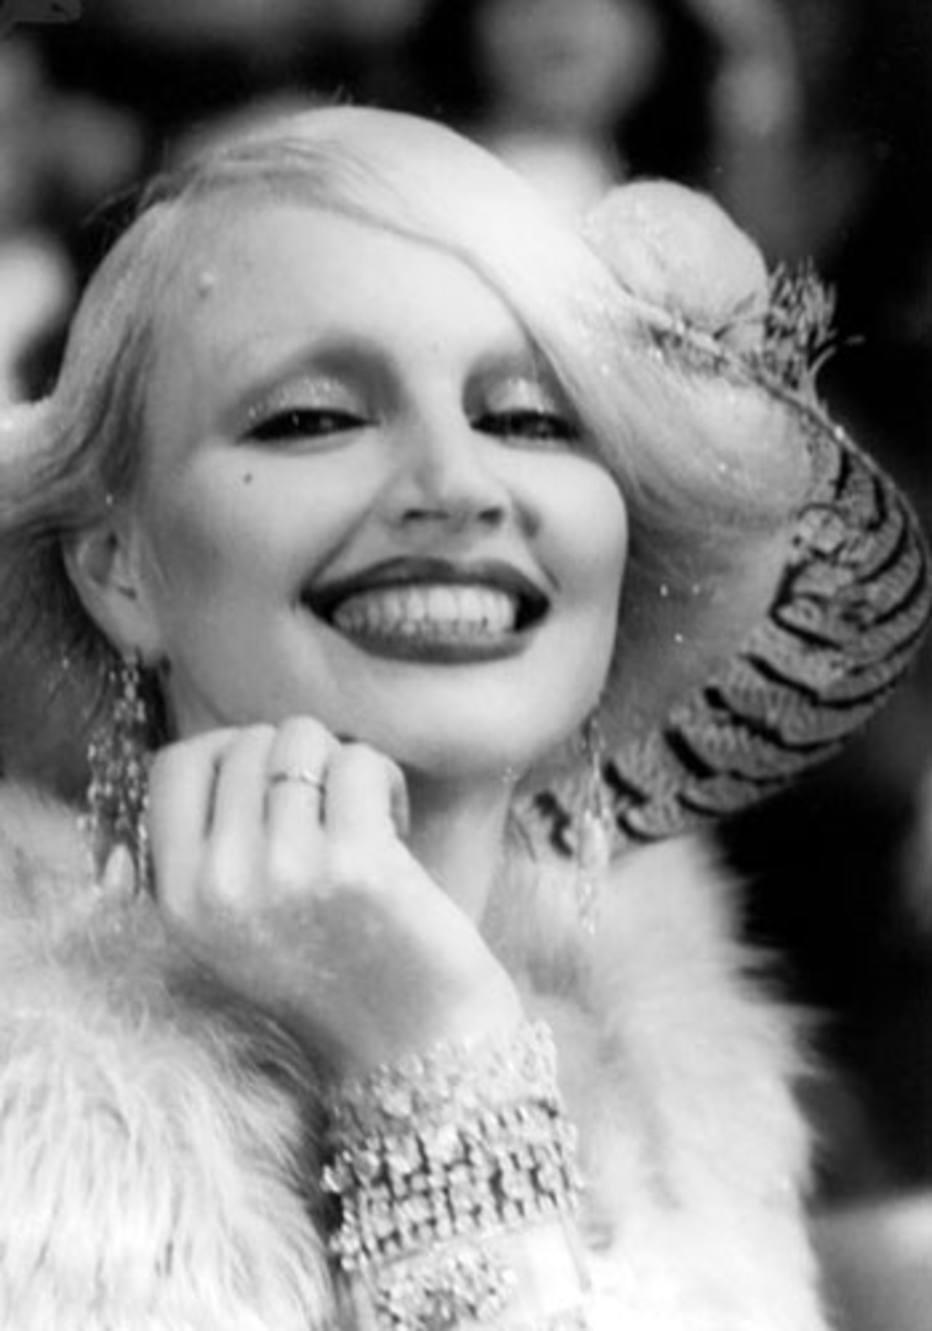 Elke Maravilha à la Marilyn Monroe